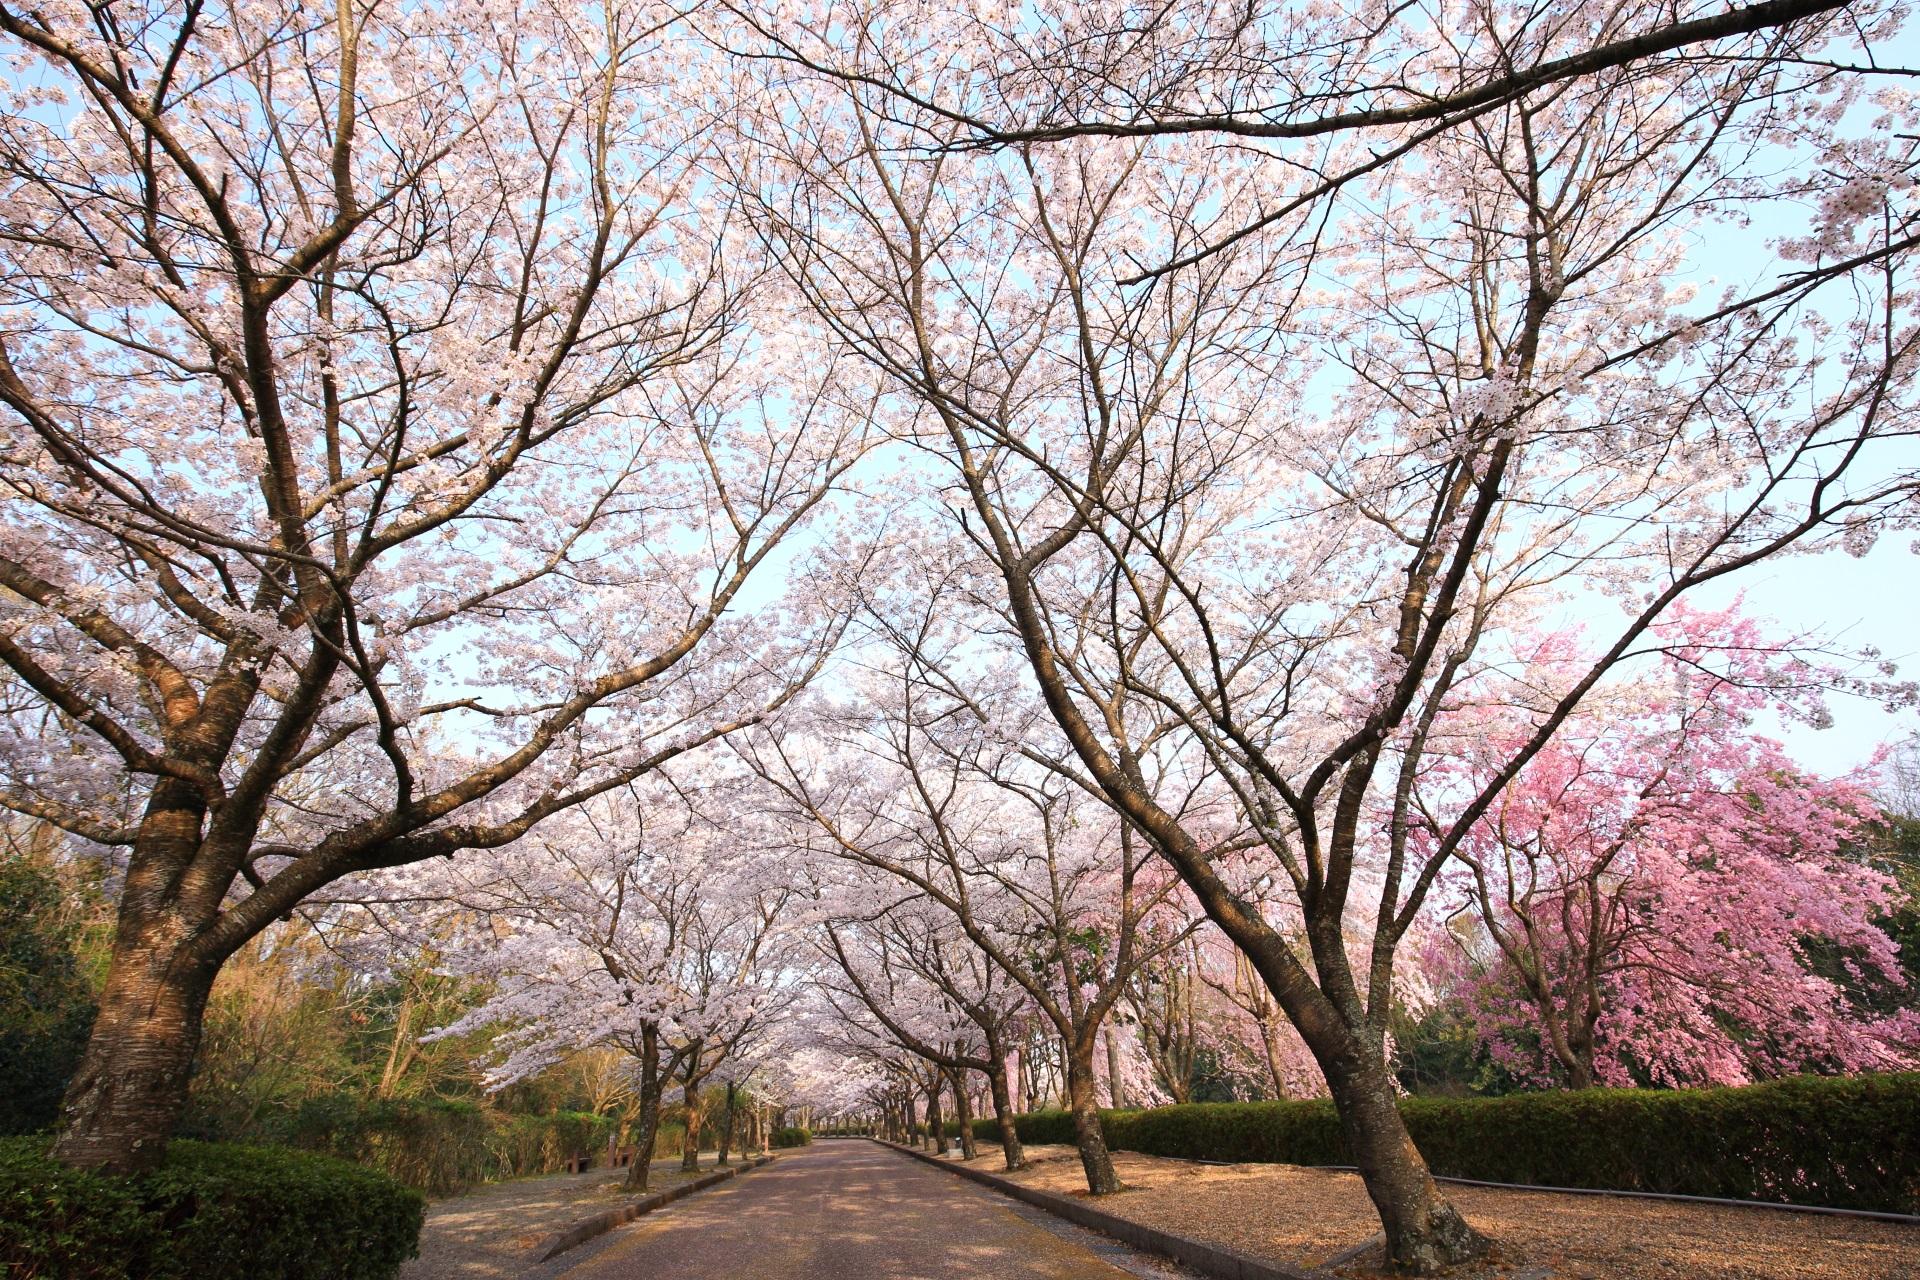 和らぎの道の華やかな桜の天井